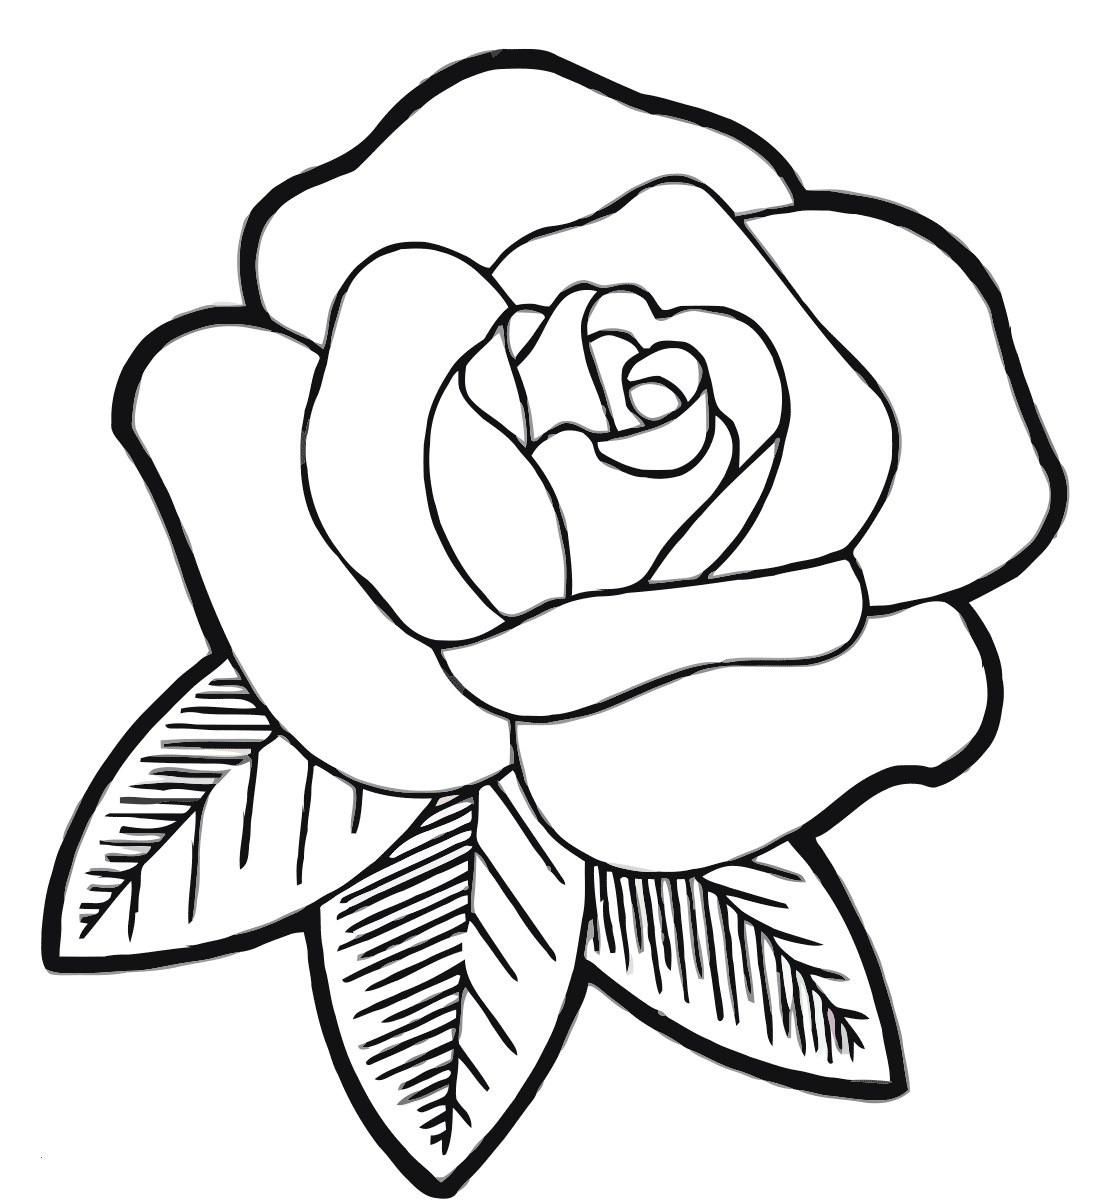 Rosen Mit Herzen Ausmalbilder Frisch Herz Malvorlagen Schön Kostenlose Vorlage Herz 28 Vorlage Neu Das Bild